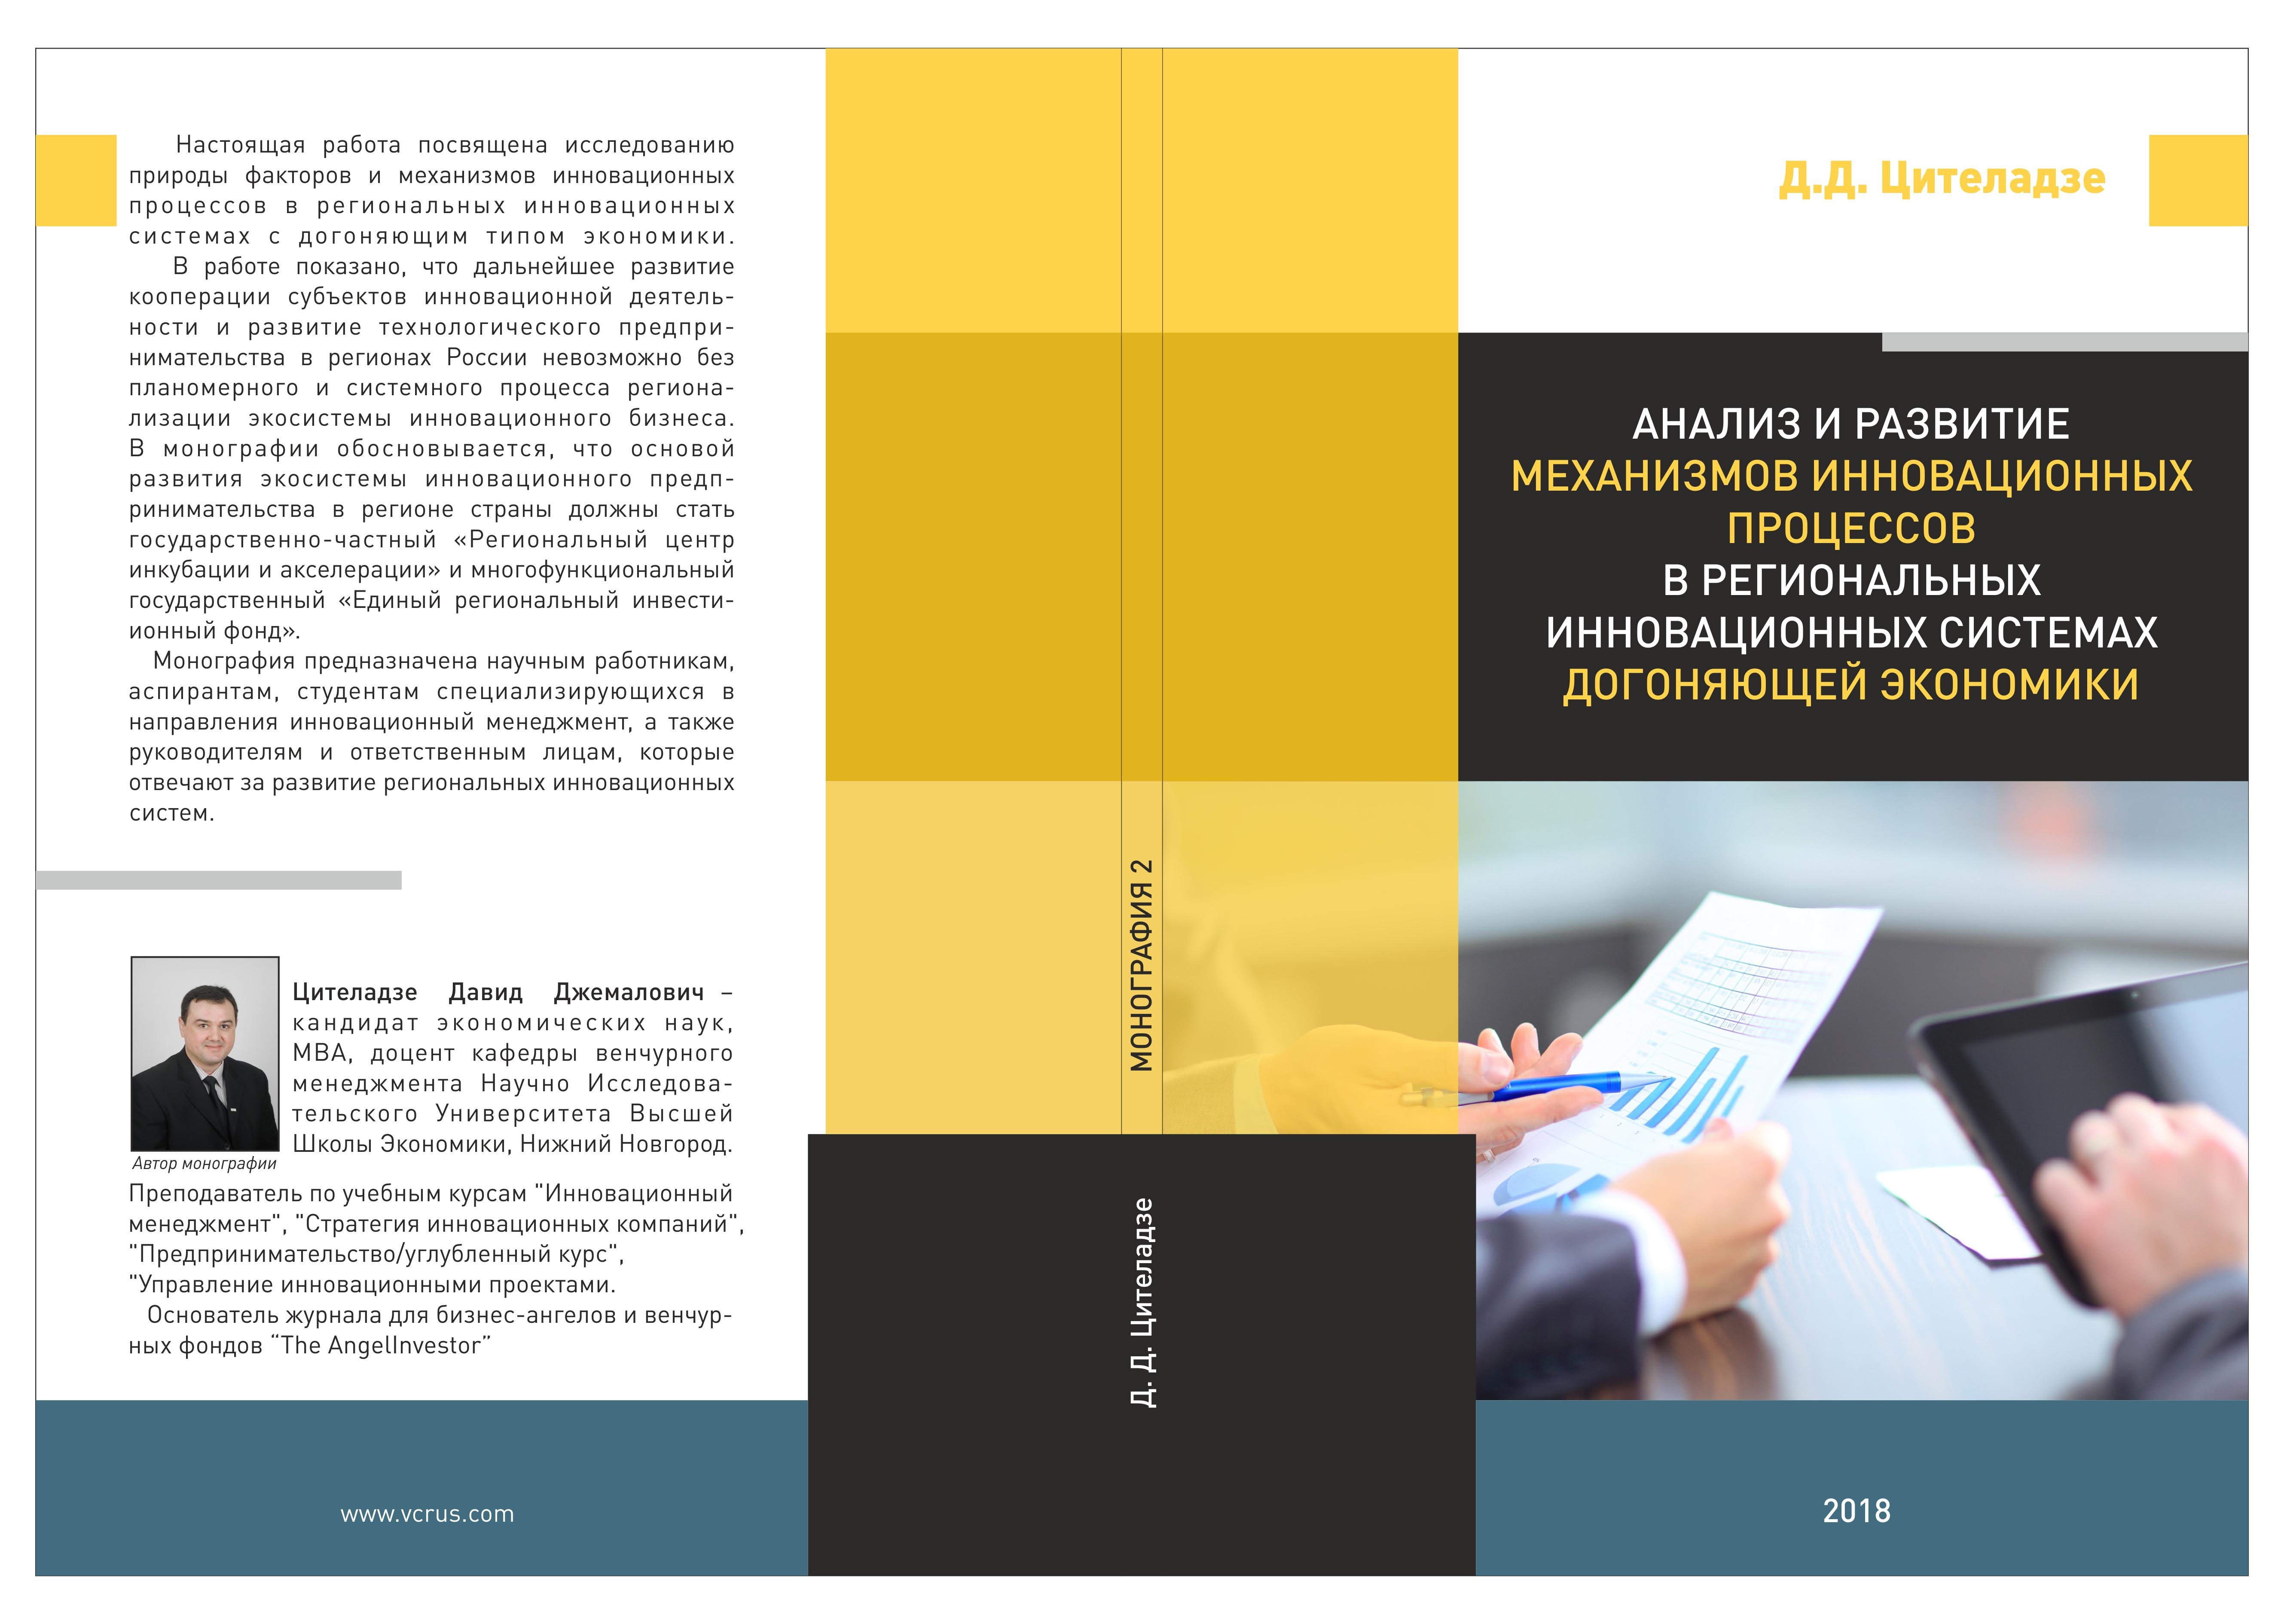 Анализ и развитие механизмов инновационных процессов в региональных инновационных системах догоняющей экономики